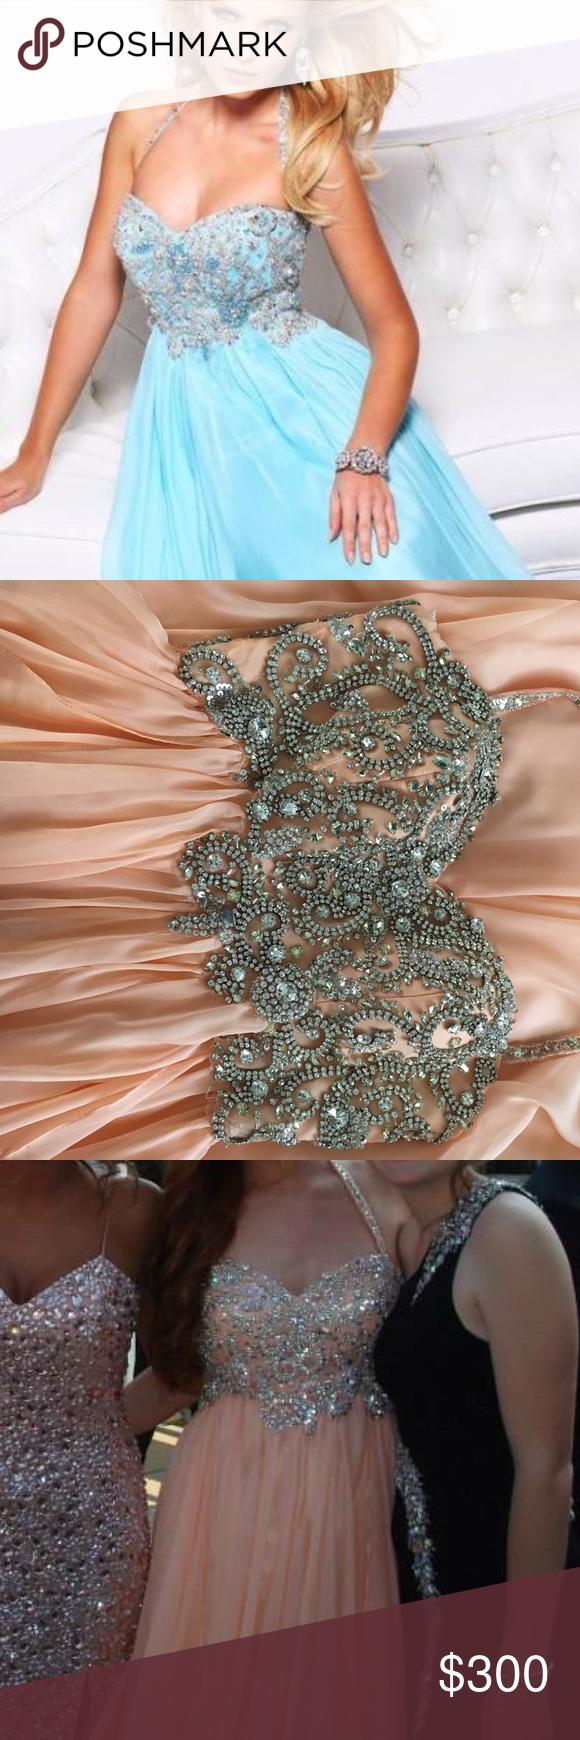 Sherri Hill Peach Prom Dress Peach Prom Dresses Prom Dresses Dresses [ 1740 x 580 Pixel ]